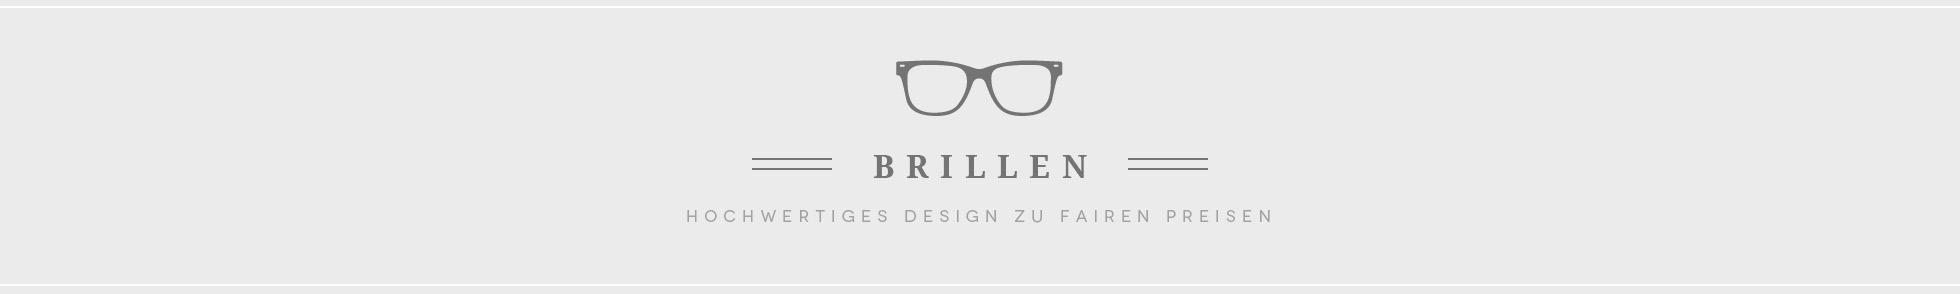 Designerbrillen online kaufen | 159€ - Briloro.de